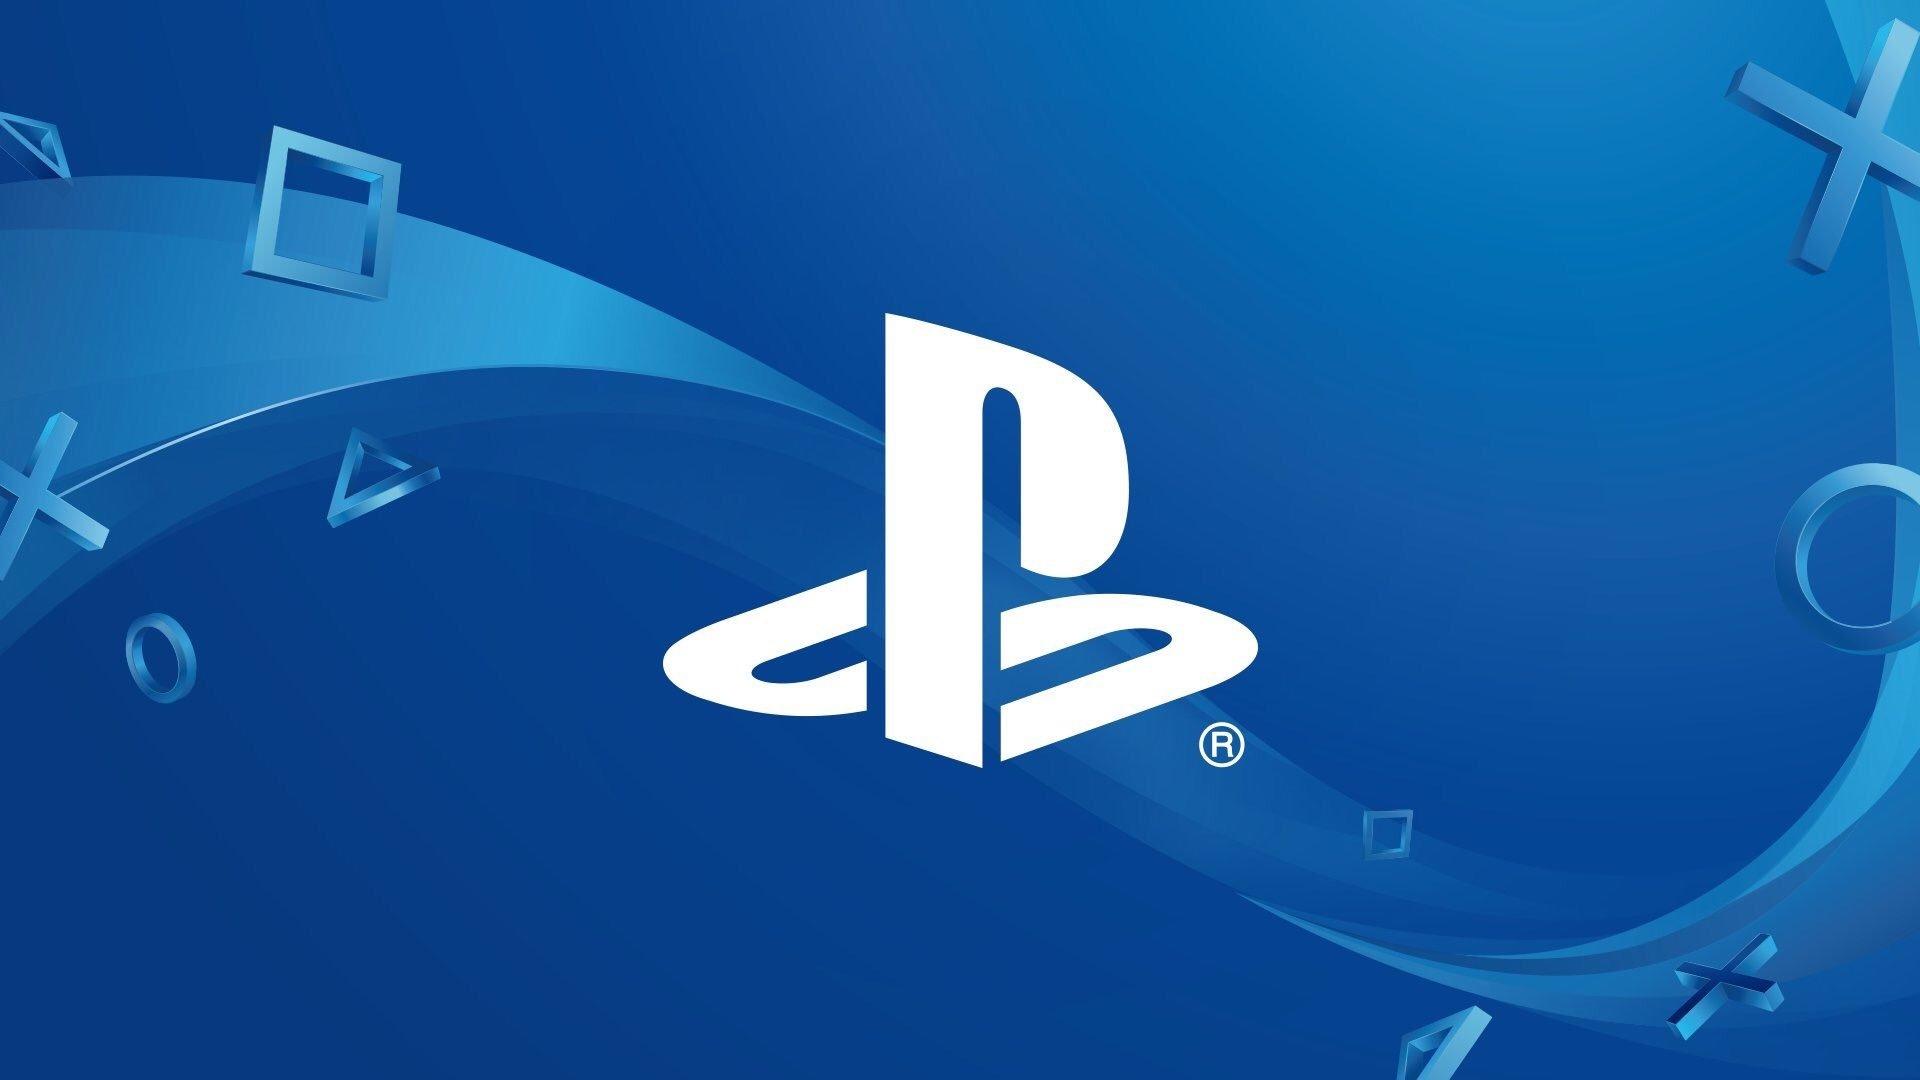 PlayStation 5 révélé : La nouvelle génération de console Sony : la surface des détails matériels de la console